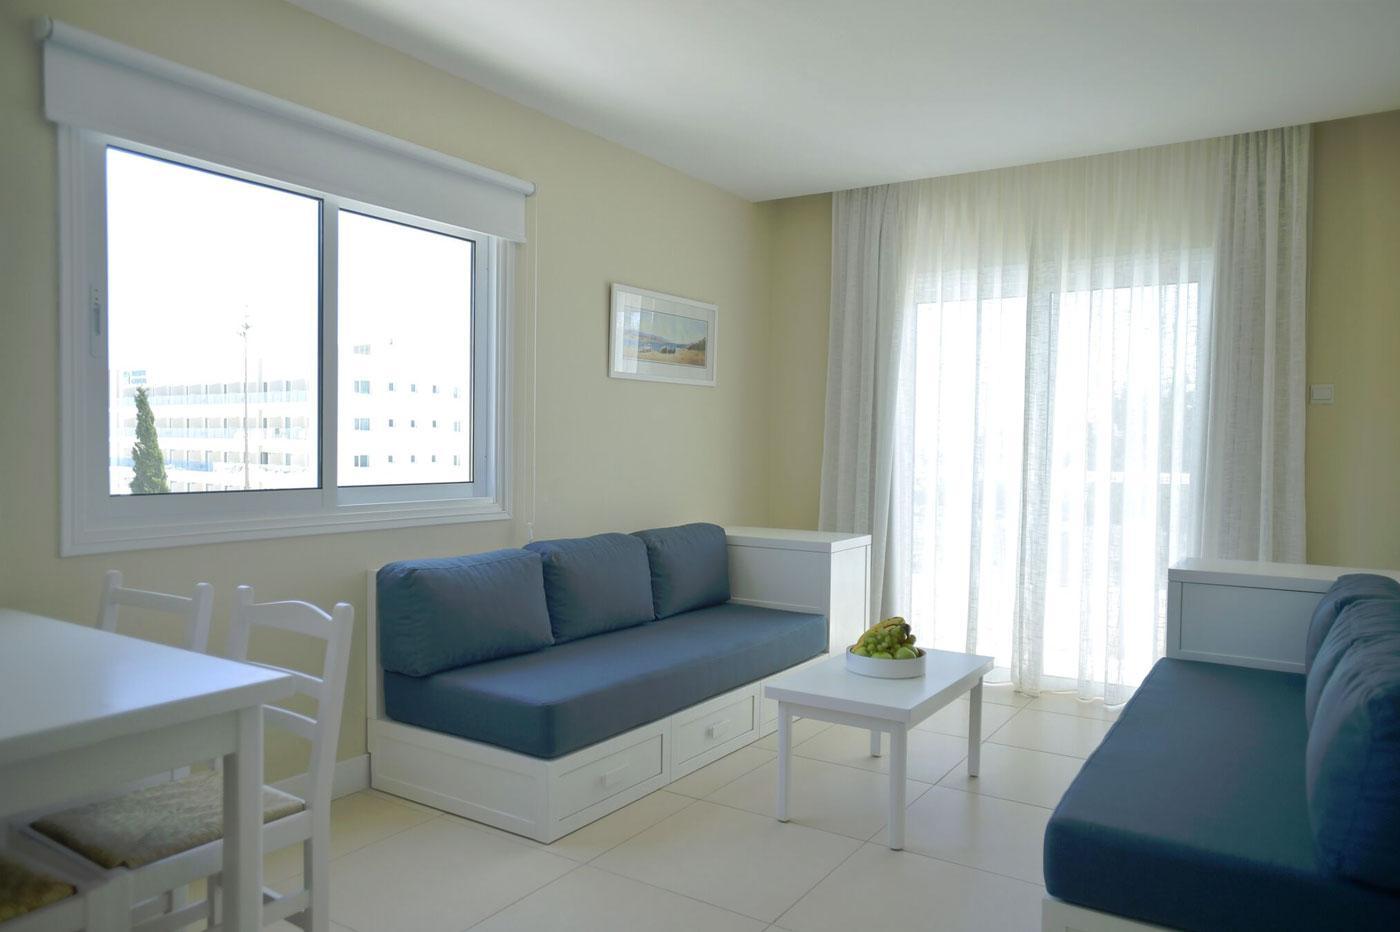 Sunrise Garden Hotel, Protaras, Cyprus. Book Sunrise Garden Hotel online